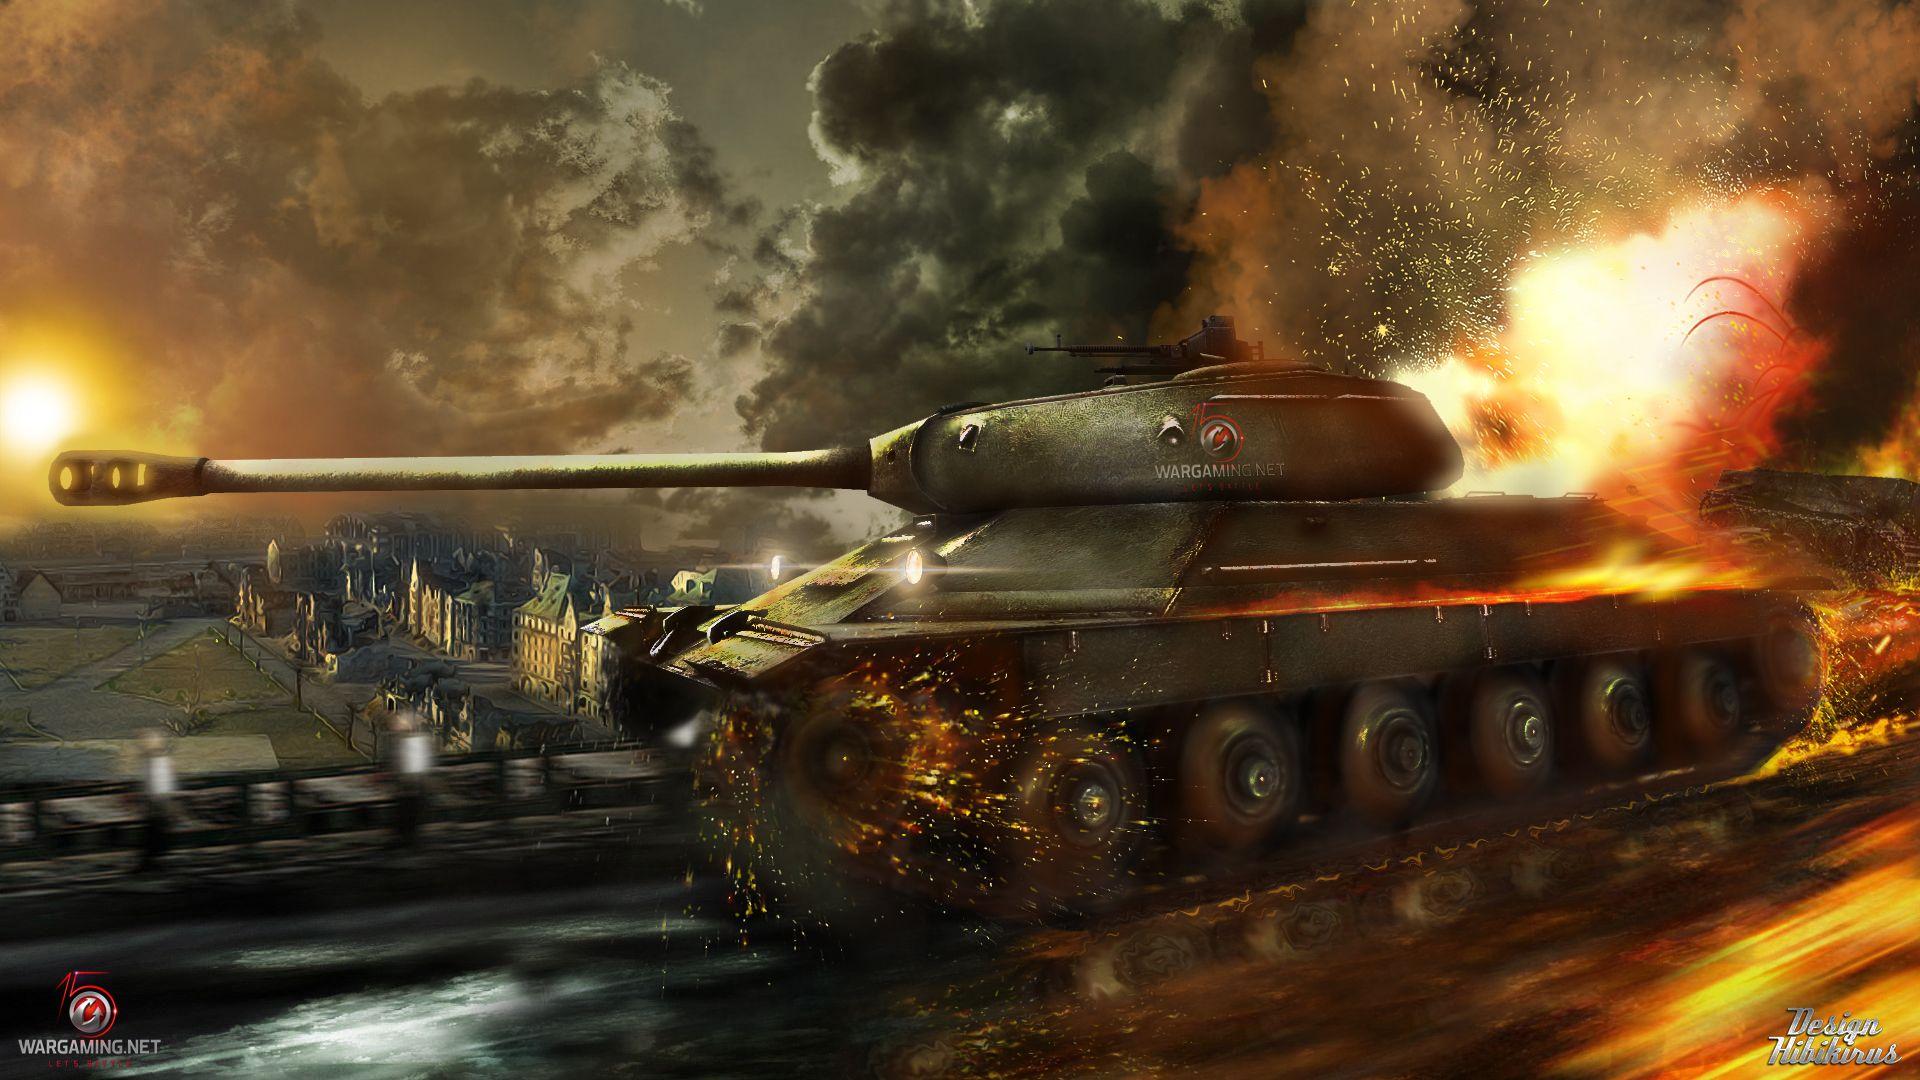 123teachme tank game colors - Liczba Pomys W Na Temat Tank Games Online Na Pintere Cie 17 Najlepszych World Of Tanks I Zbiorniki